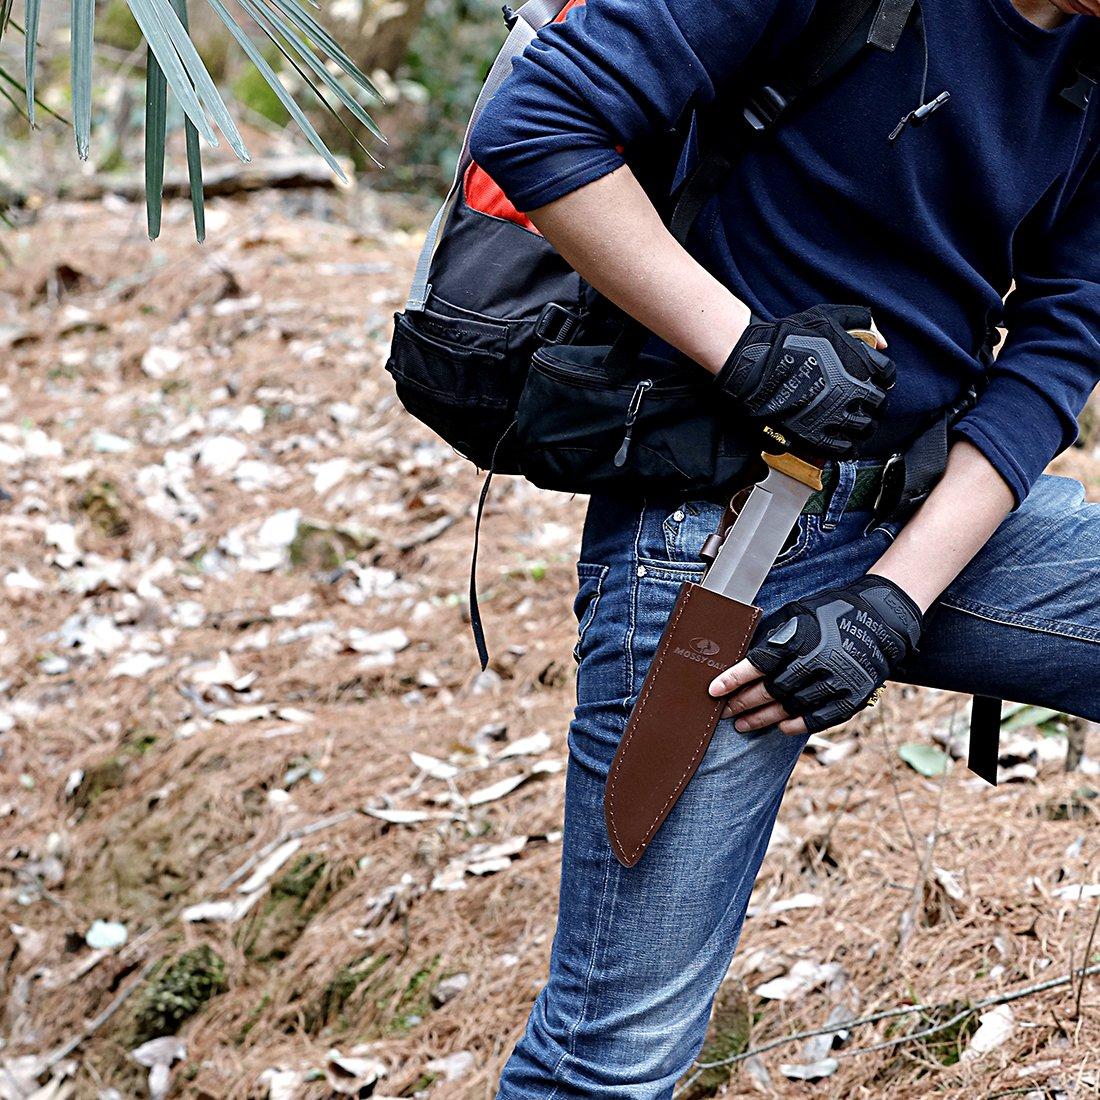 MOSSY OAK 14 inch Bowie Knife